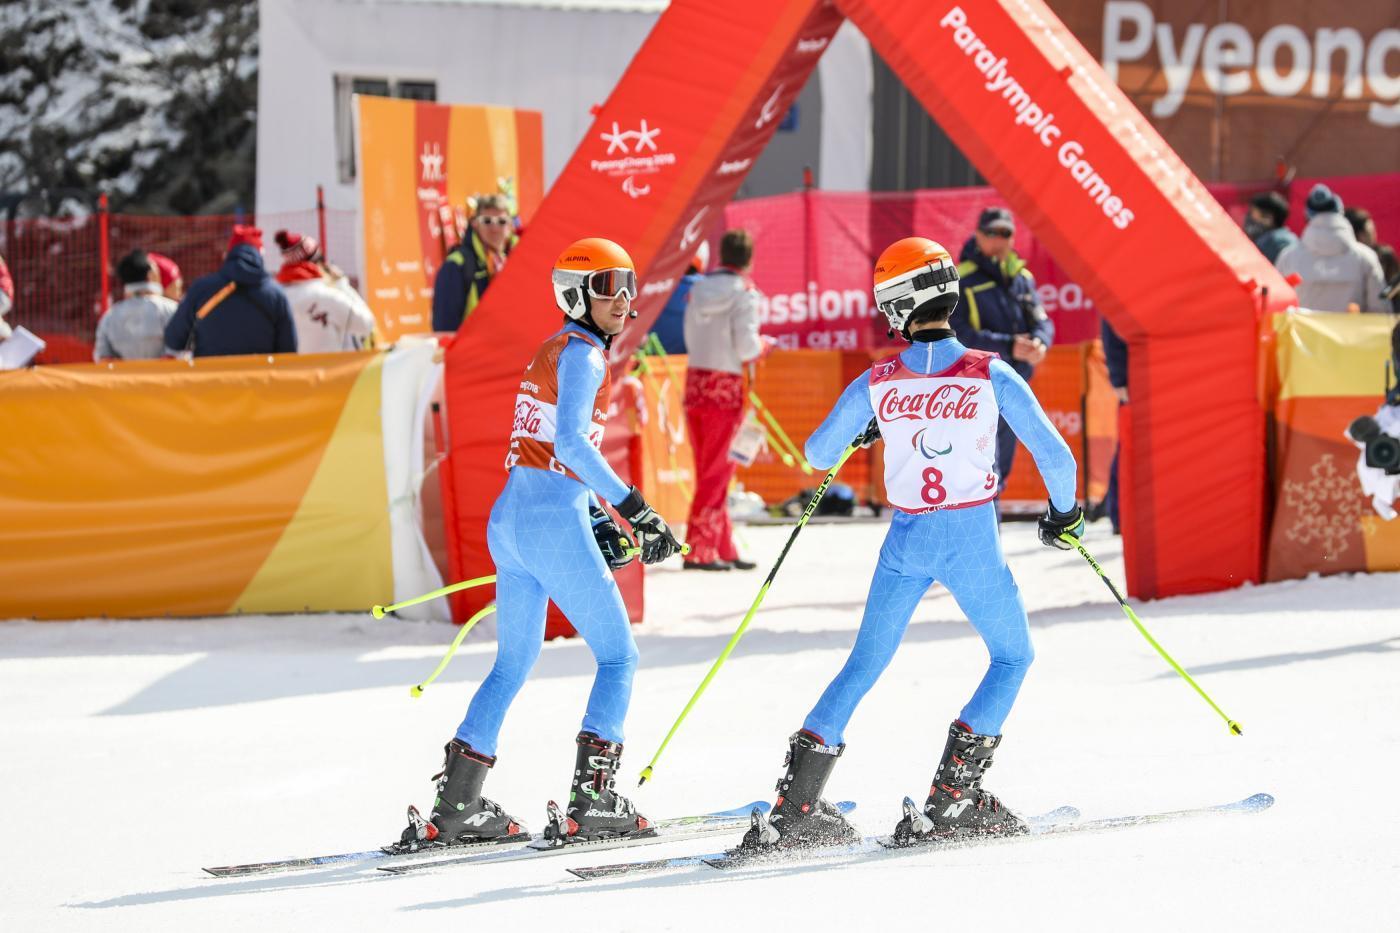 Paralimpiadi 2018, Bertagnolli bronzo in discesa